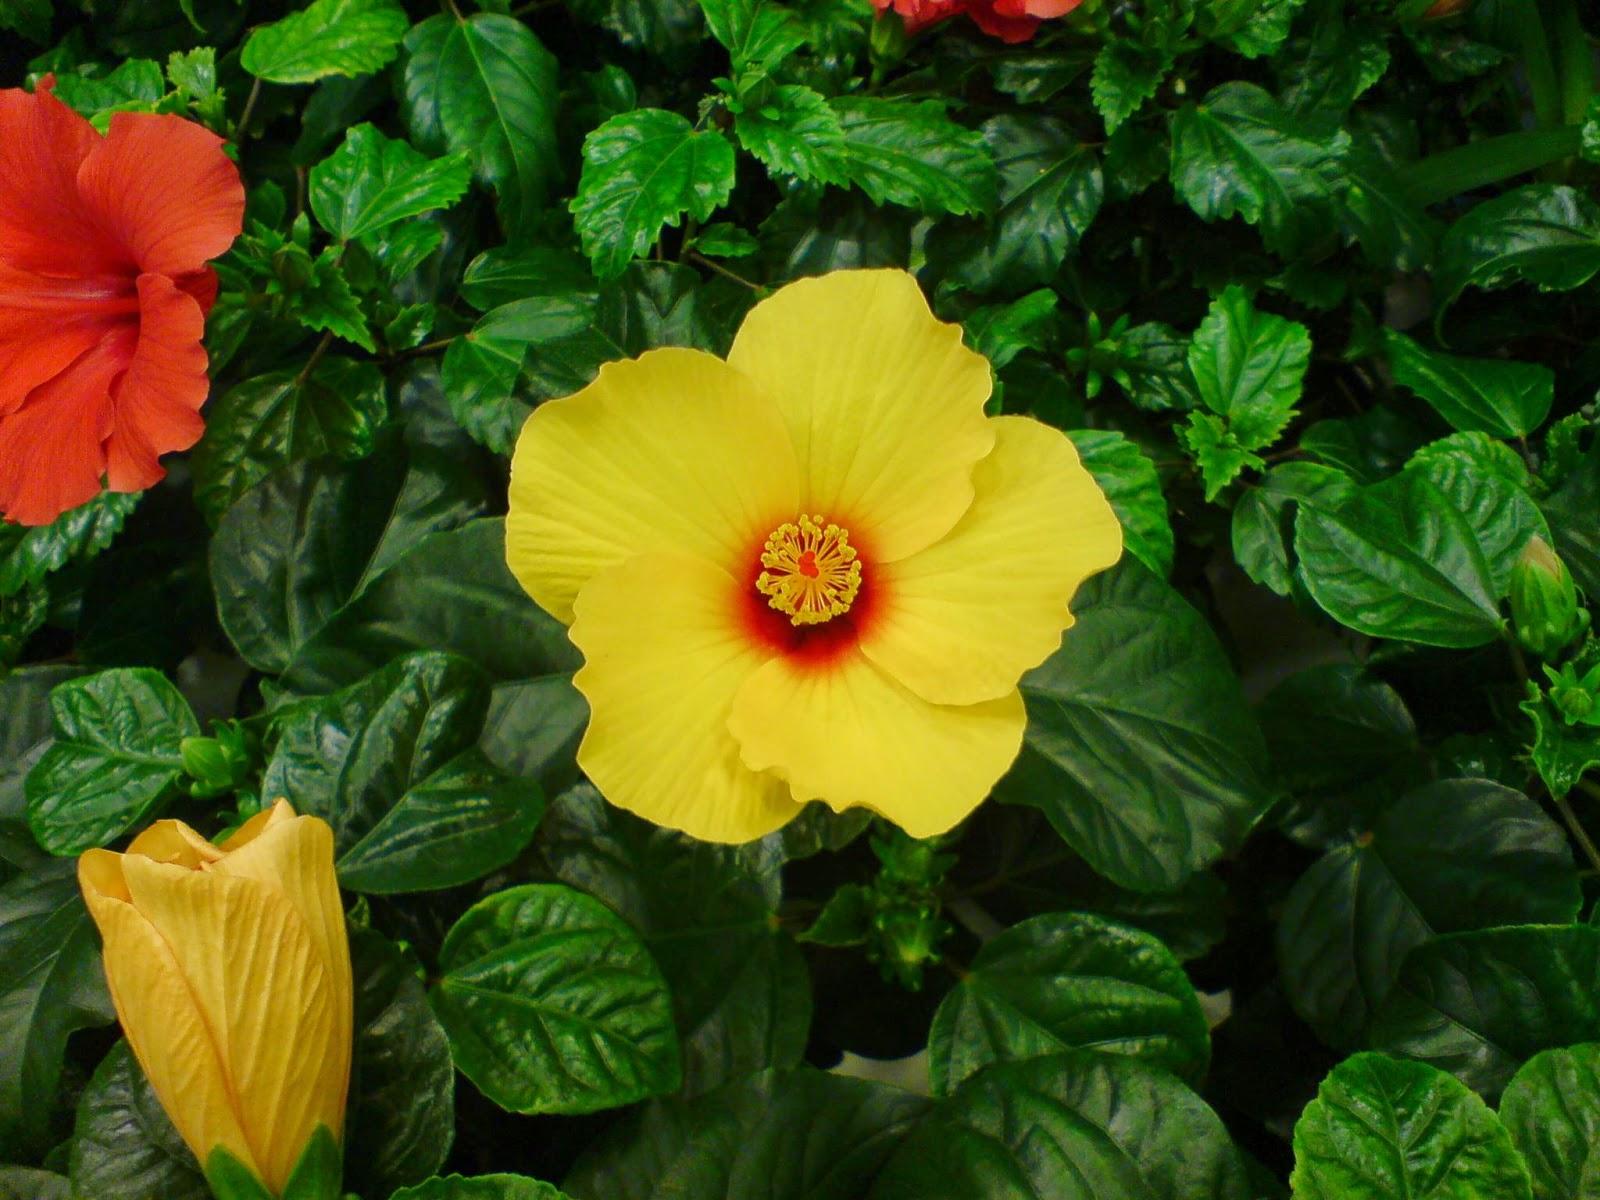 Hawaiirose, Hibiscus rosa-sinensis